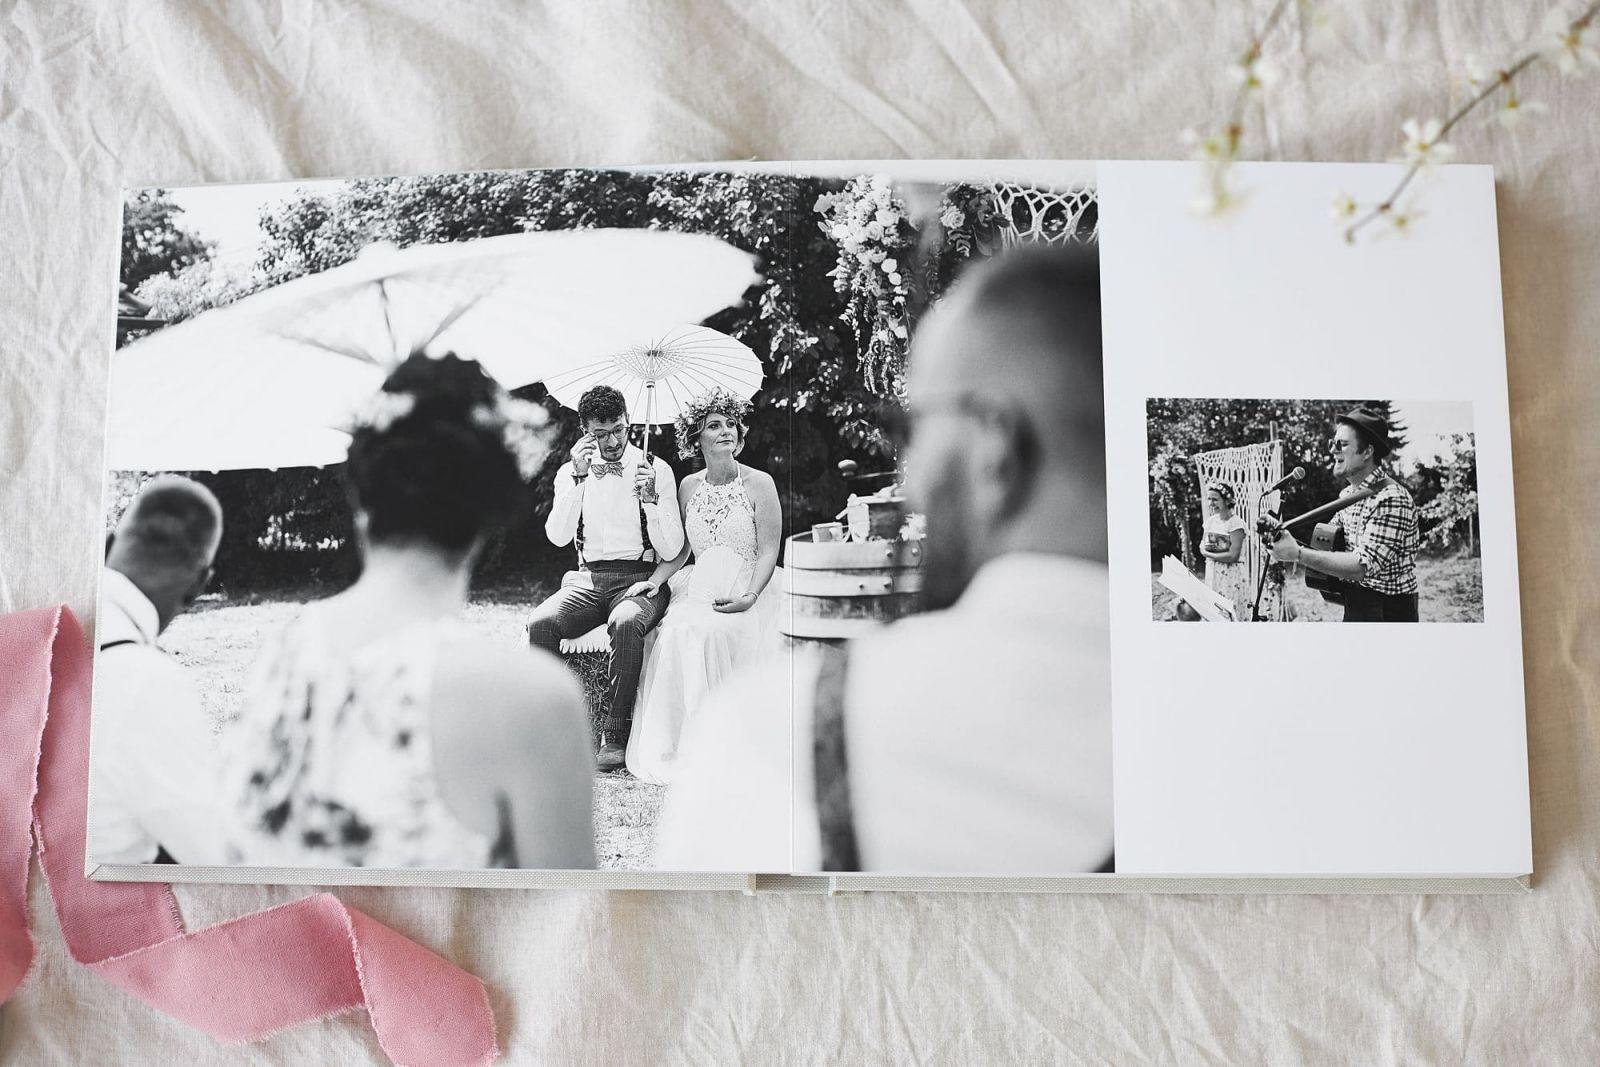 Eine Seite in einem Hochzeitsbuch mit zwei Schwarz-Weiß Aufnahmen einer Trauung